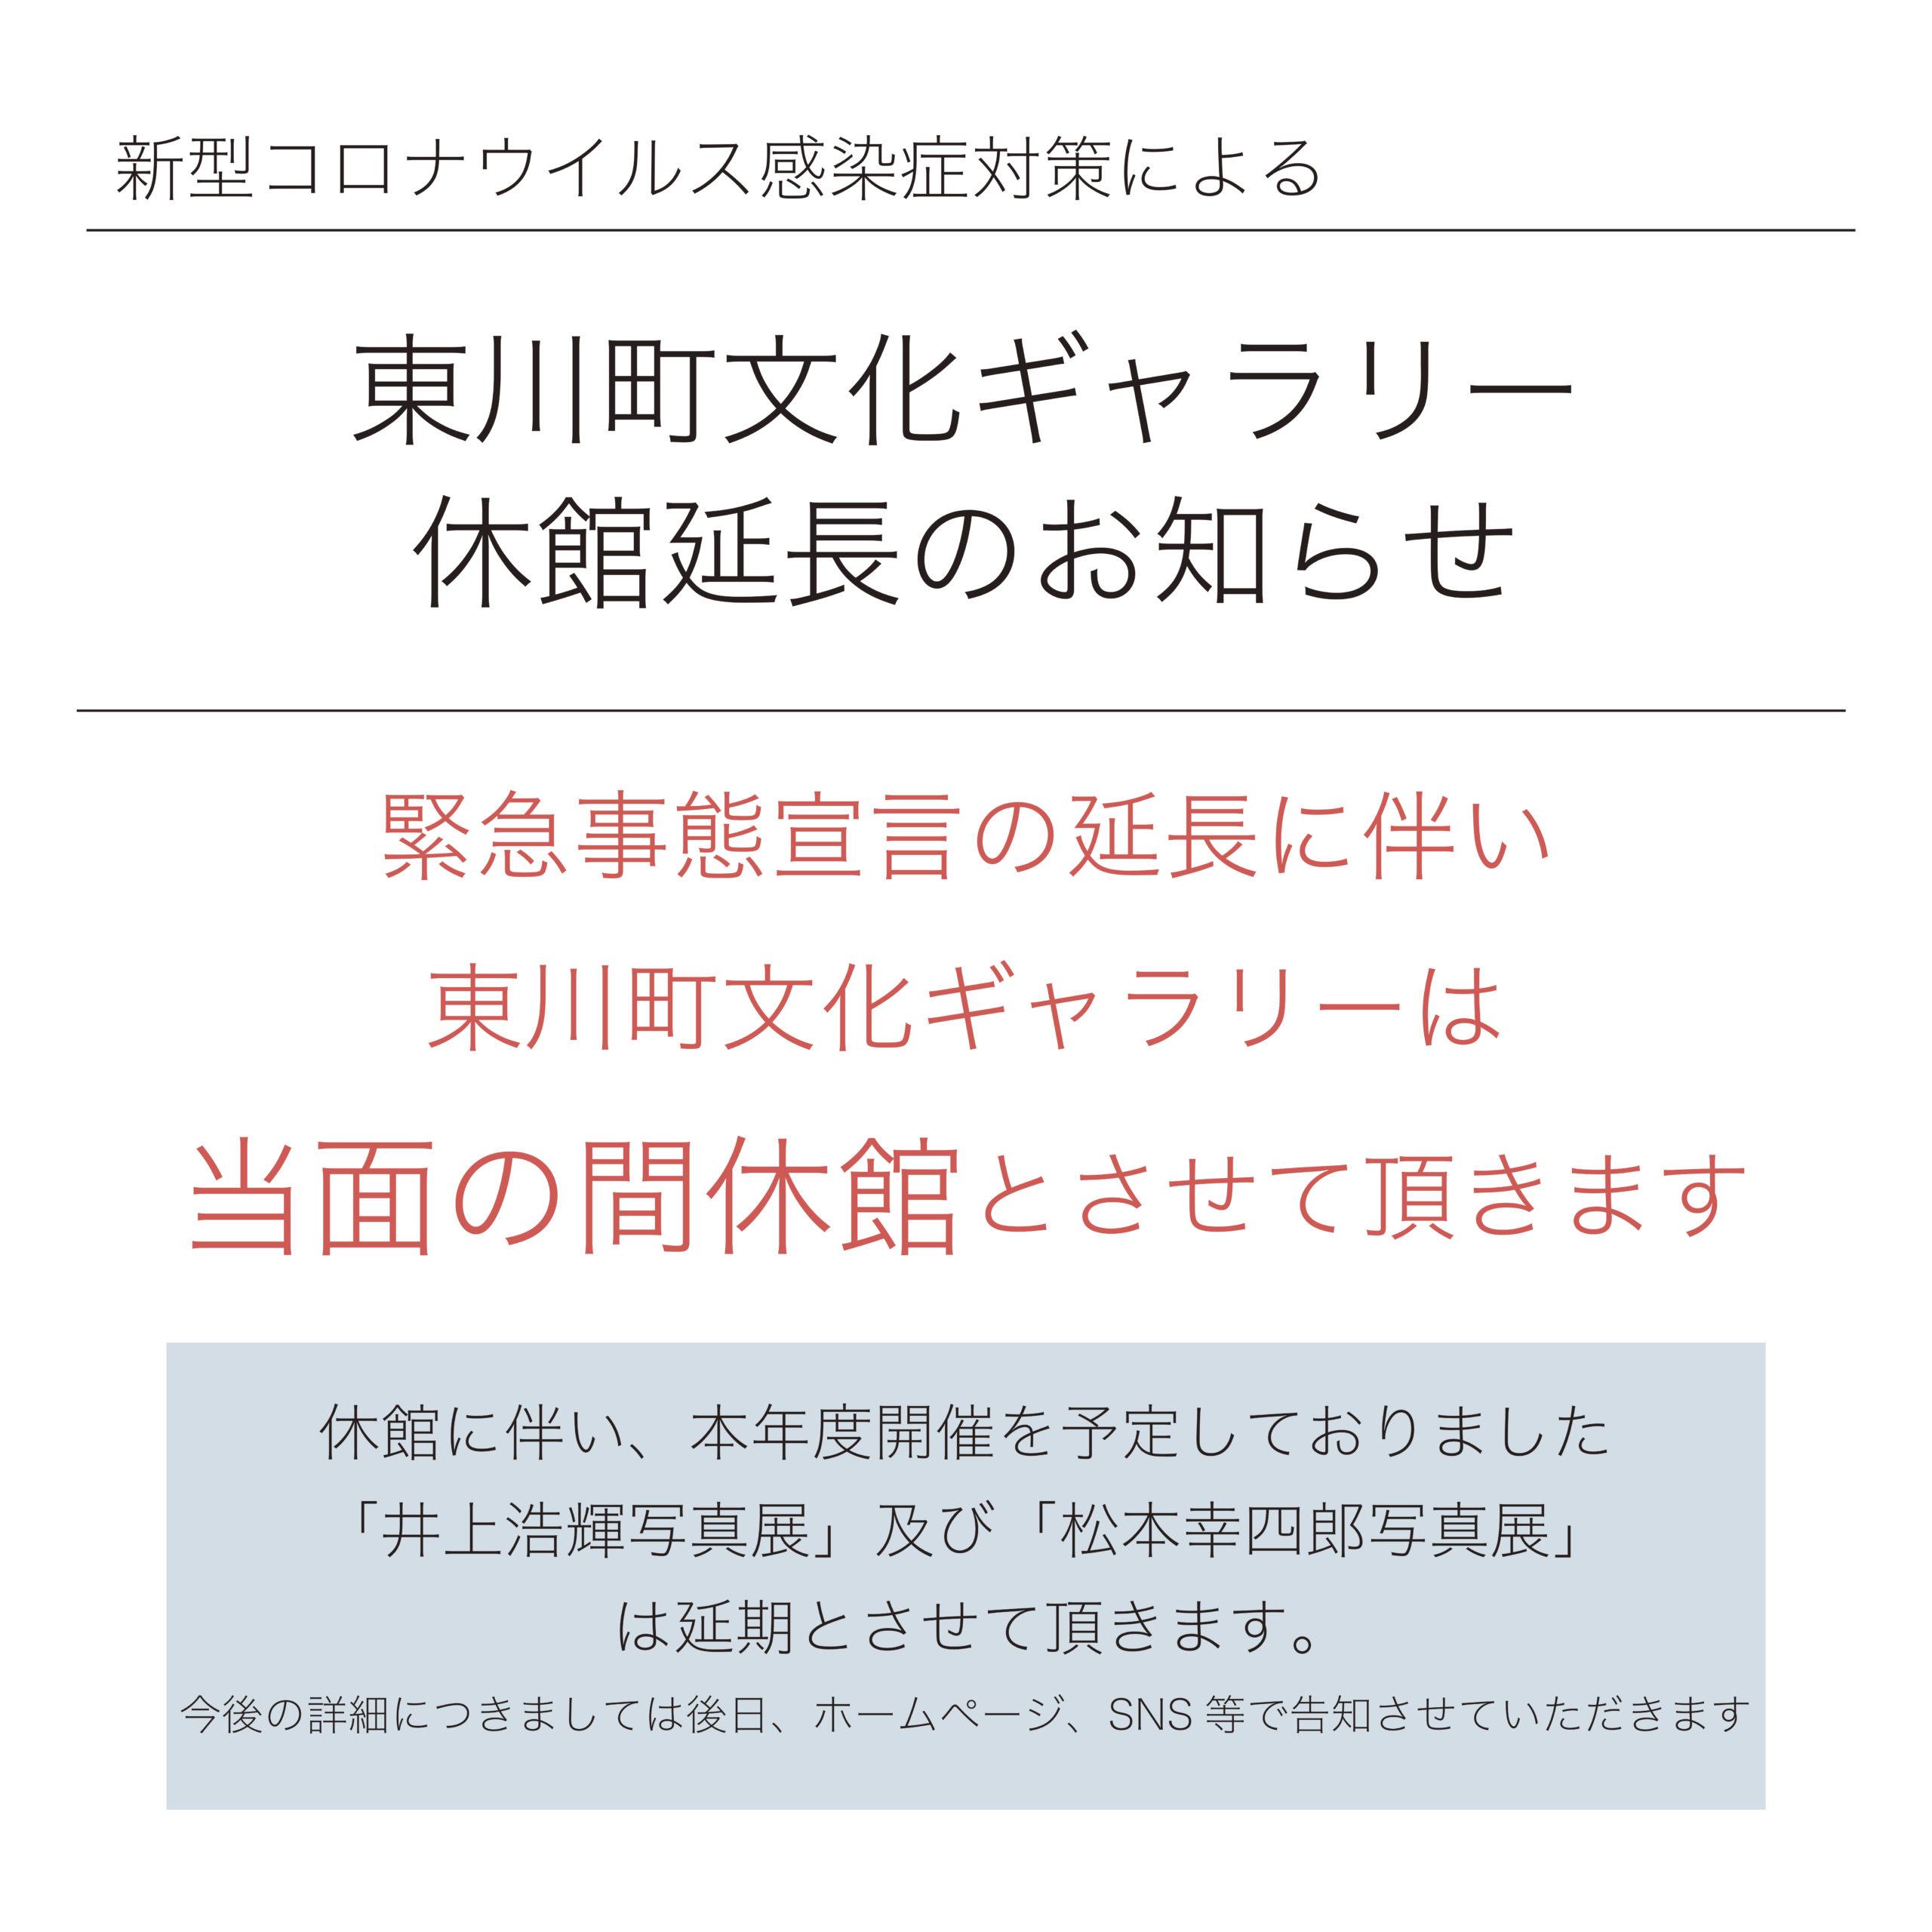 東川町文化ギャラリー休館延長のお知らせ